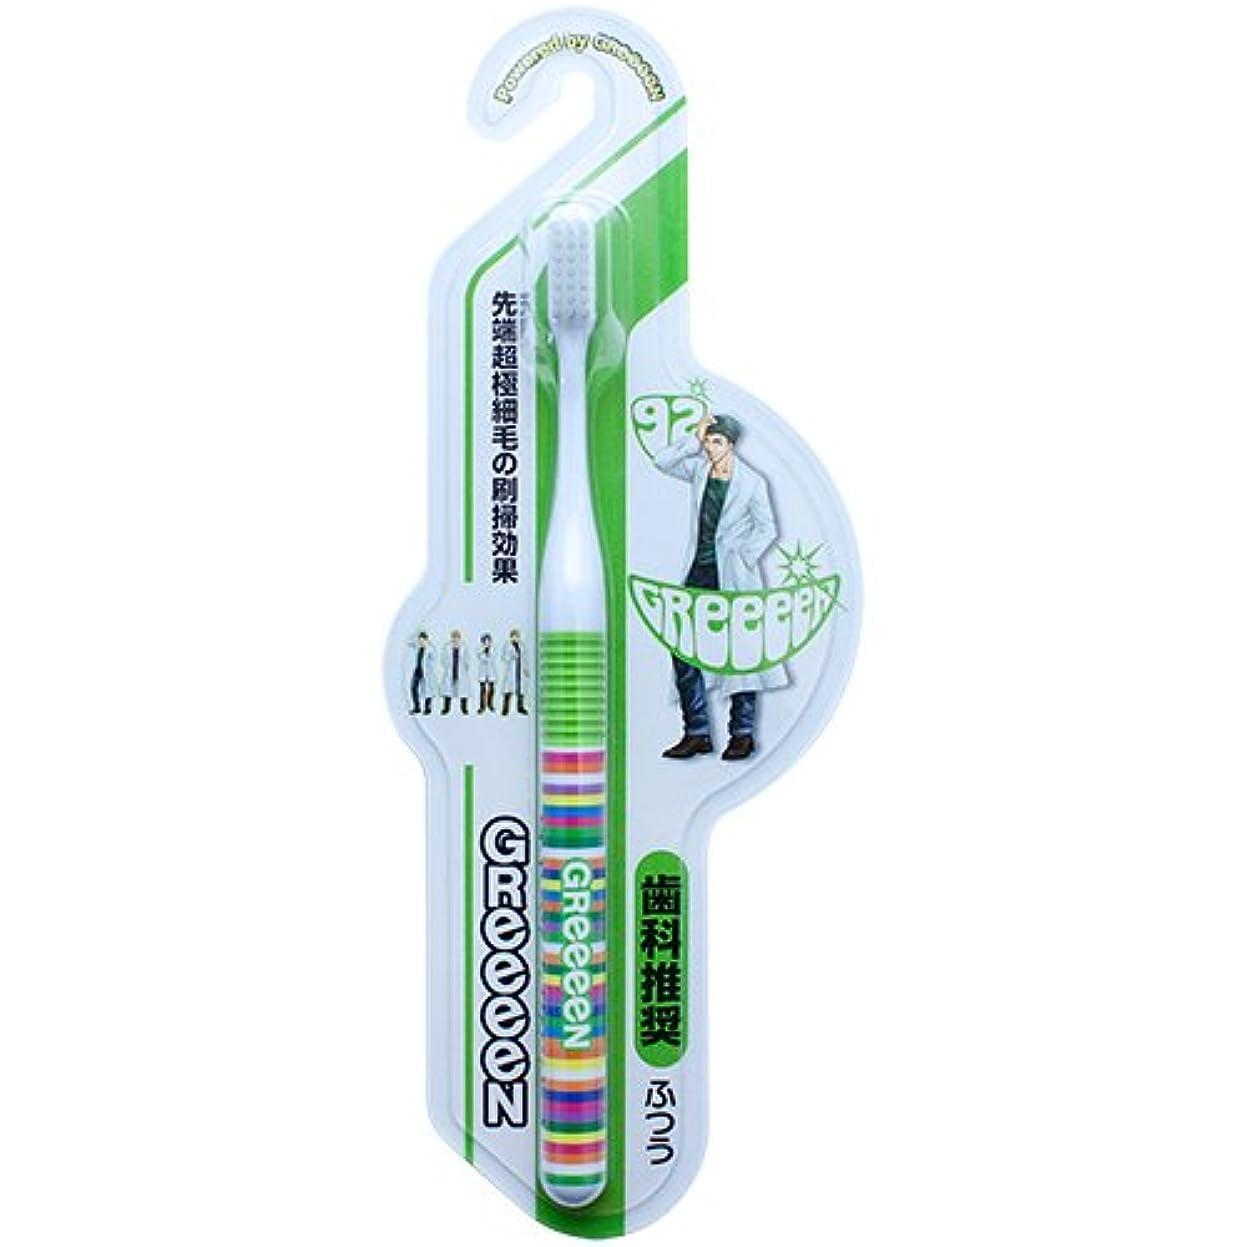 面積環境保護主義者開業医GReeeeN 3列ヘッドラバーグリップ超極細毛歯ブラシ SIRO 92 1本